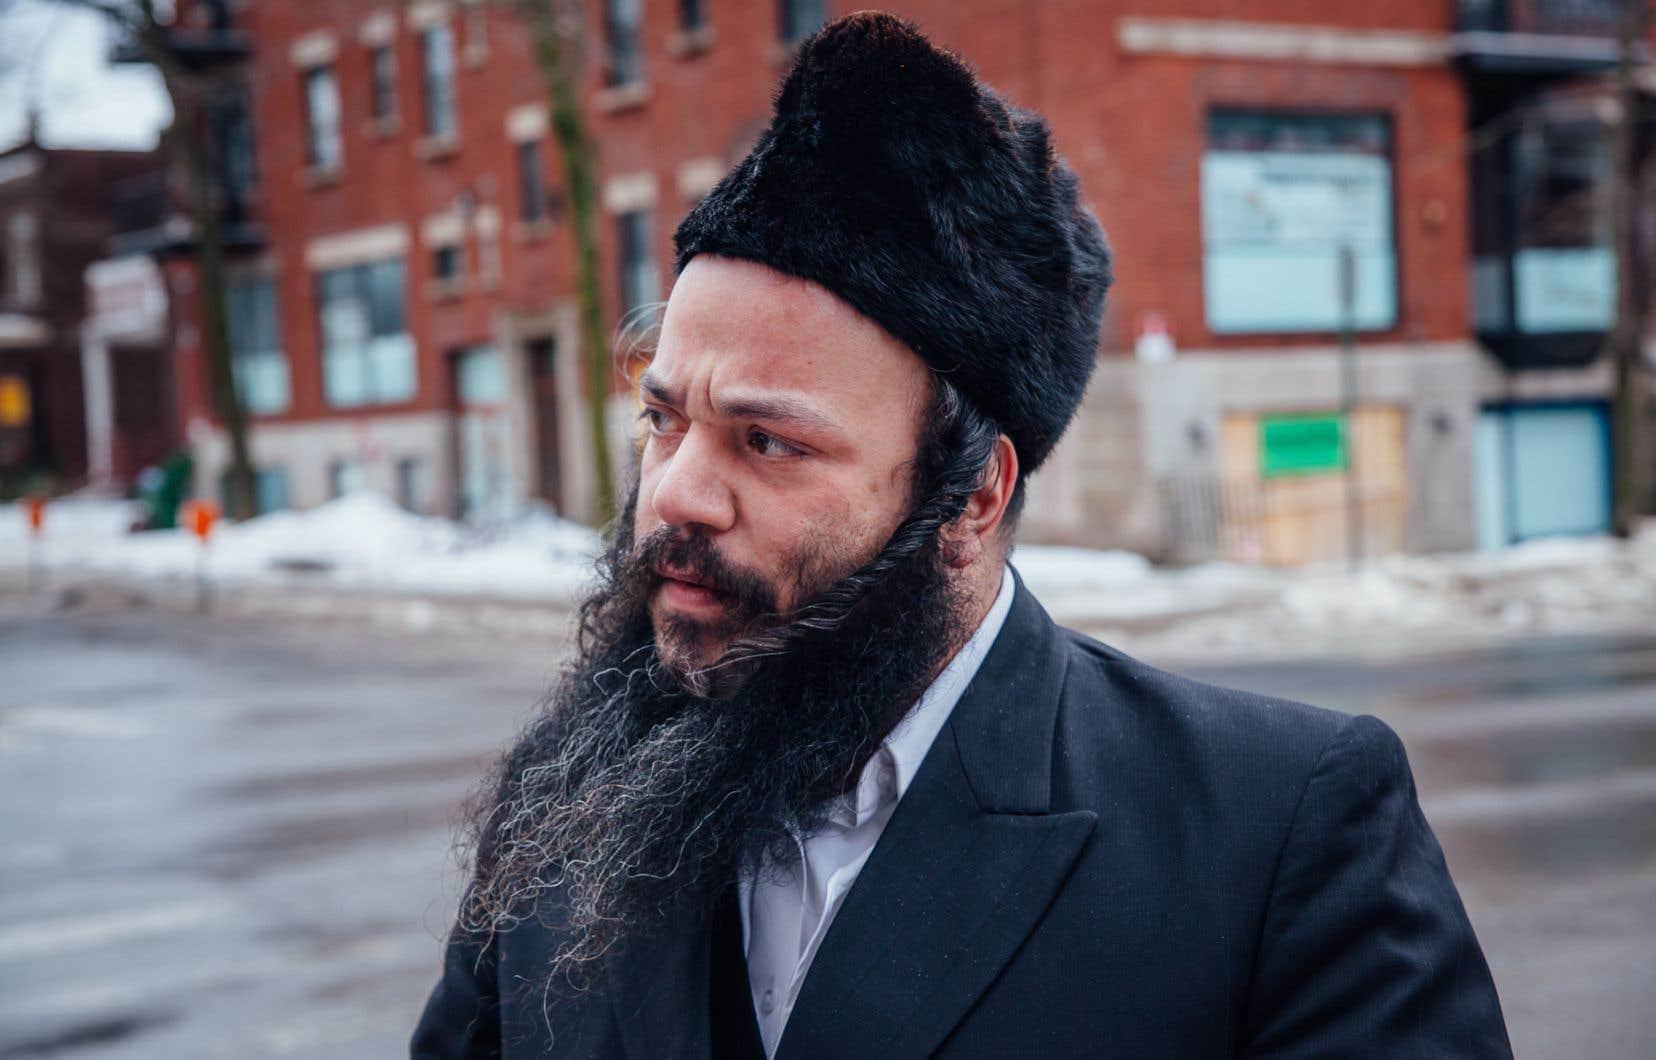 Le porte-parole de la communauté juive hassidique d'Outremont, Abraham Ekstein, juge inacceptable le règlement interdisant l'aménagement de nouveaux lieux de culte sur les artères commerciales.